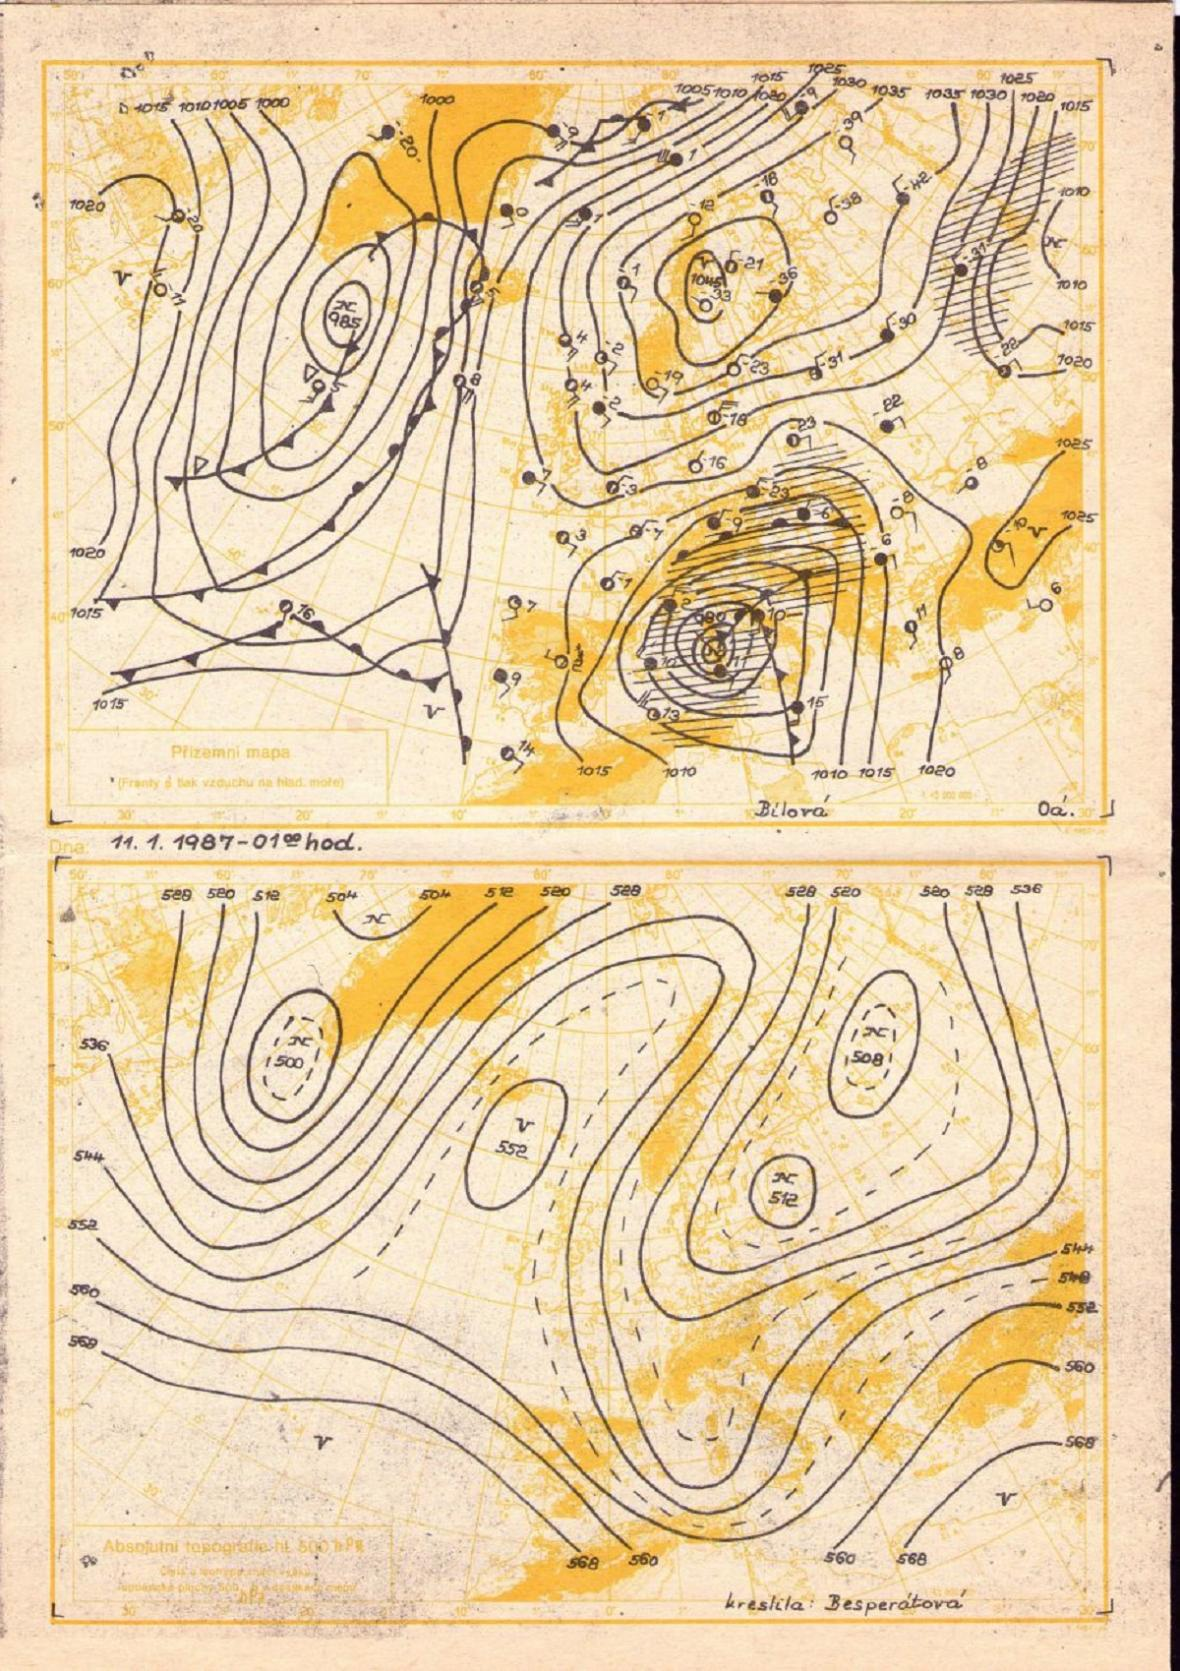 Povětrnostní situace z 11. ledna 1987